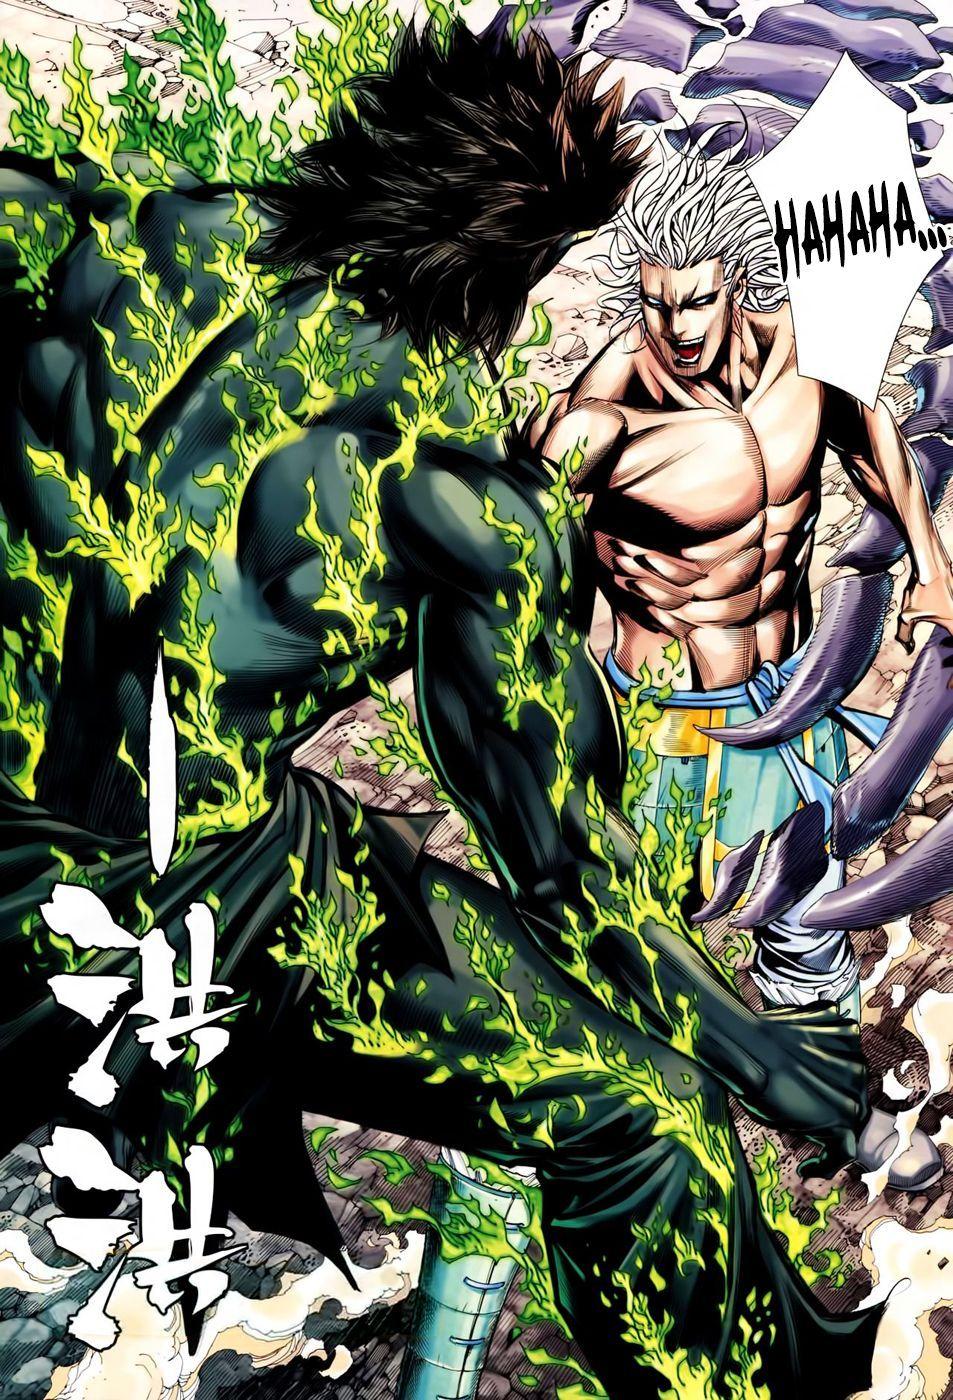 Feng shen ji spectrum nexus manga manga pages anime